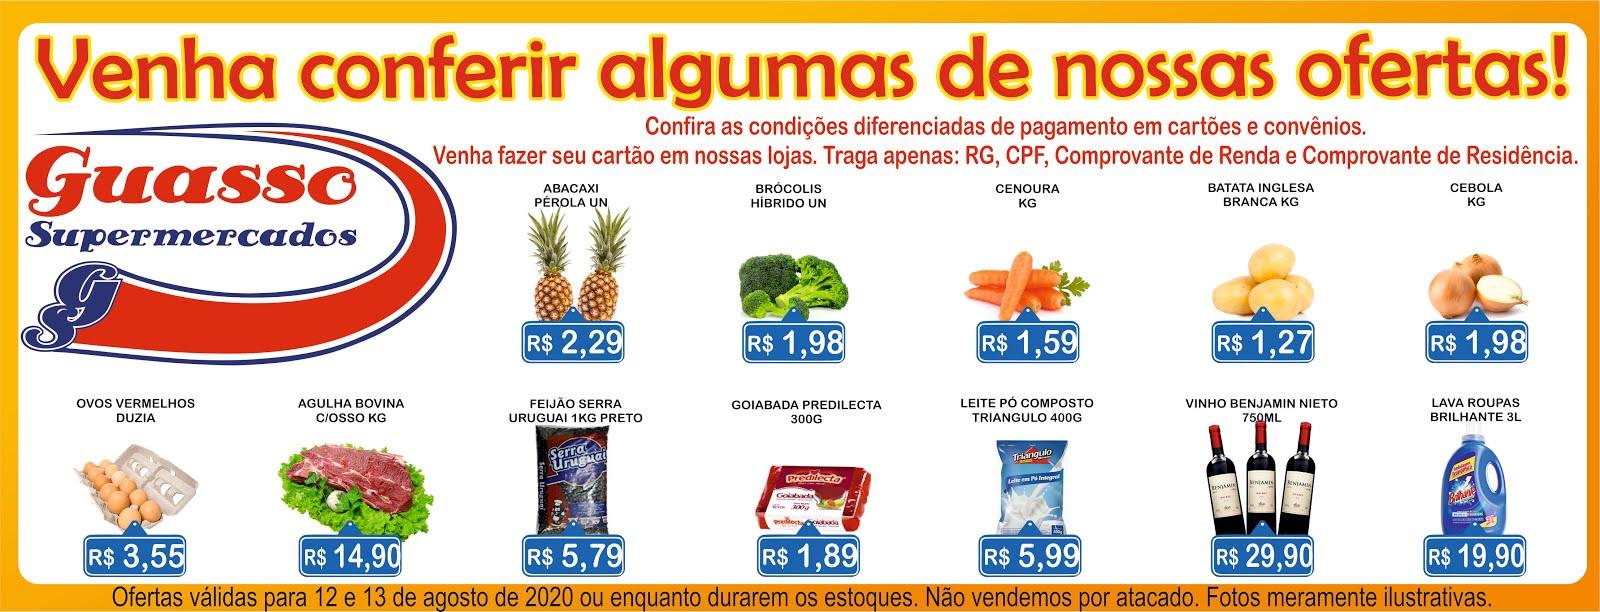 Ofertas válidas para quarta e quinta-feira na Rede Guasso Supermercados!!!